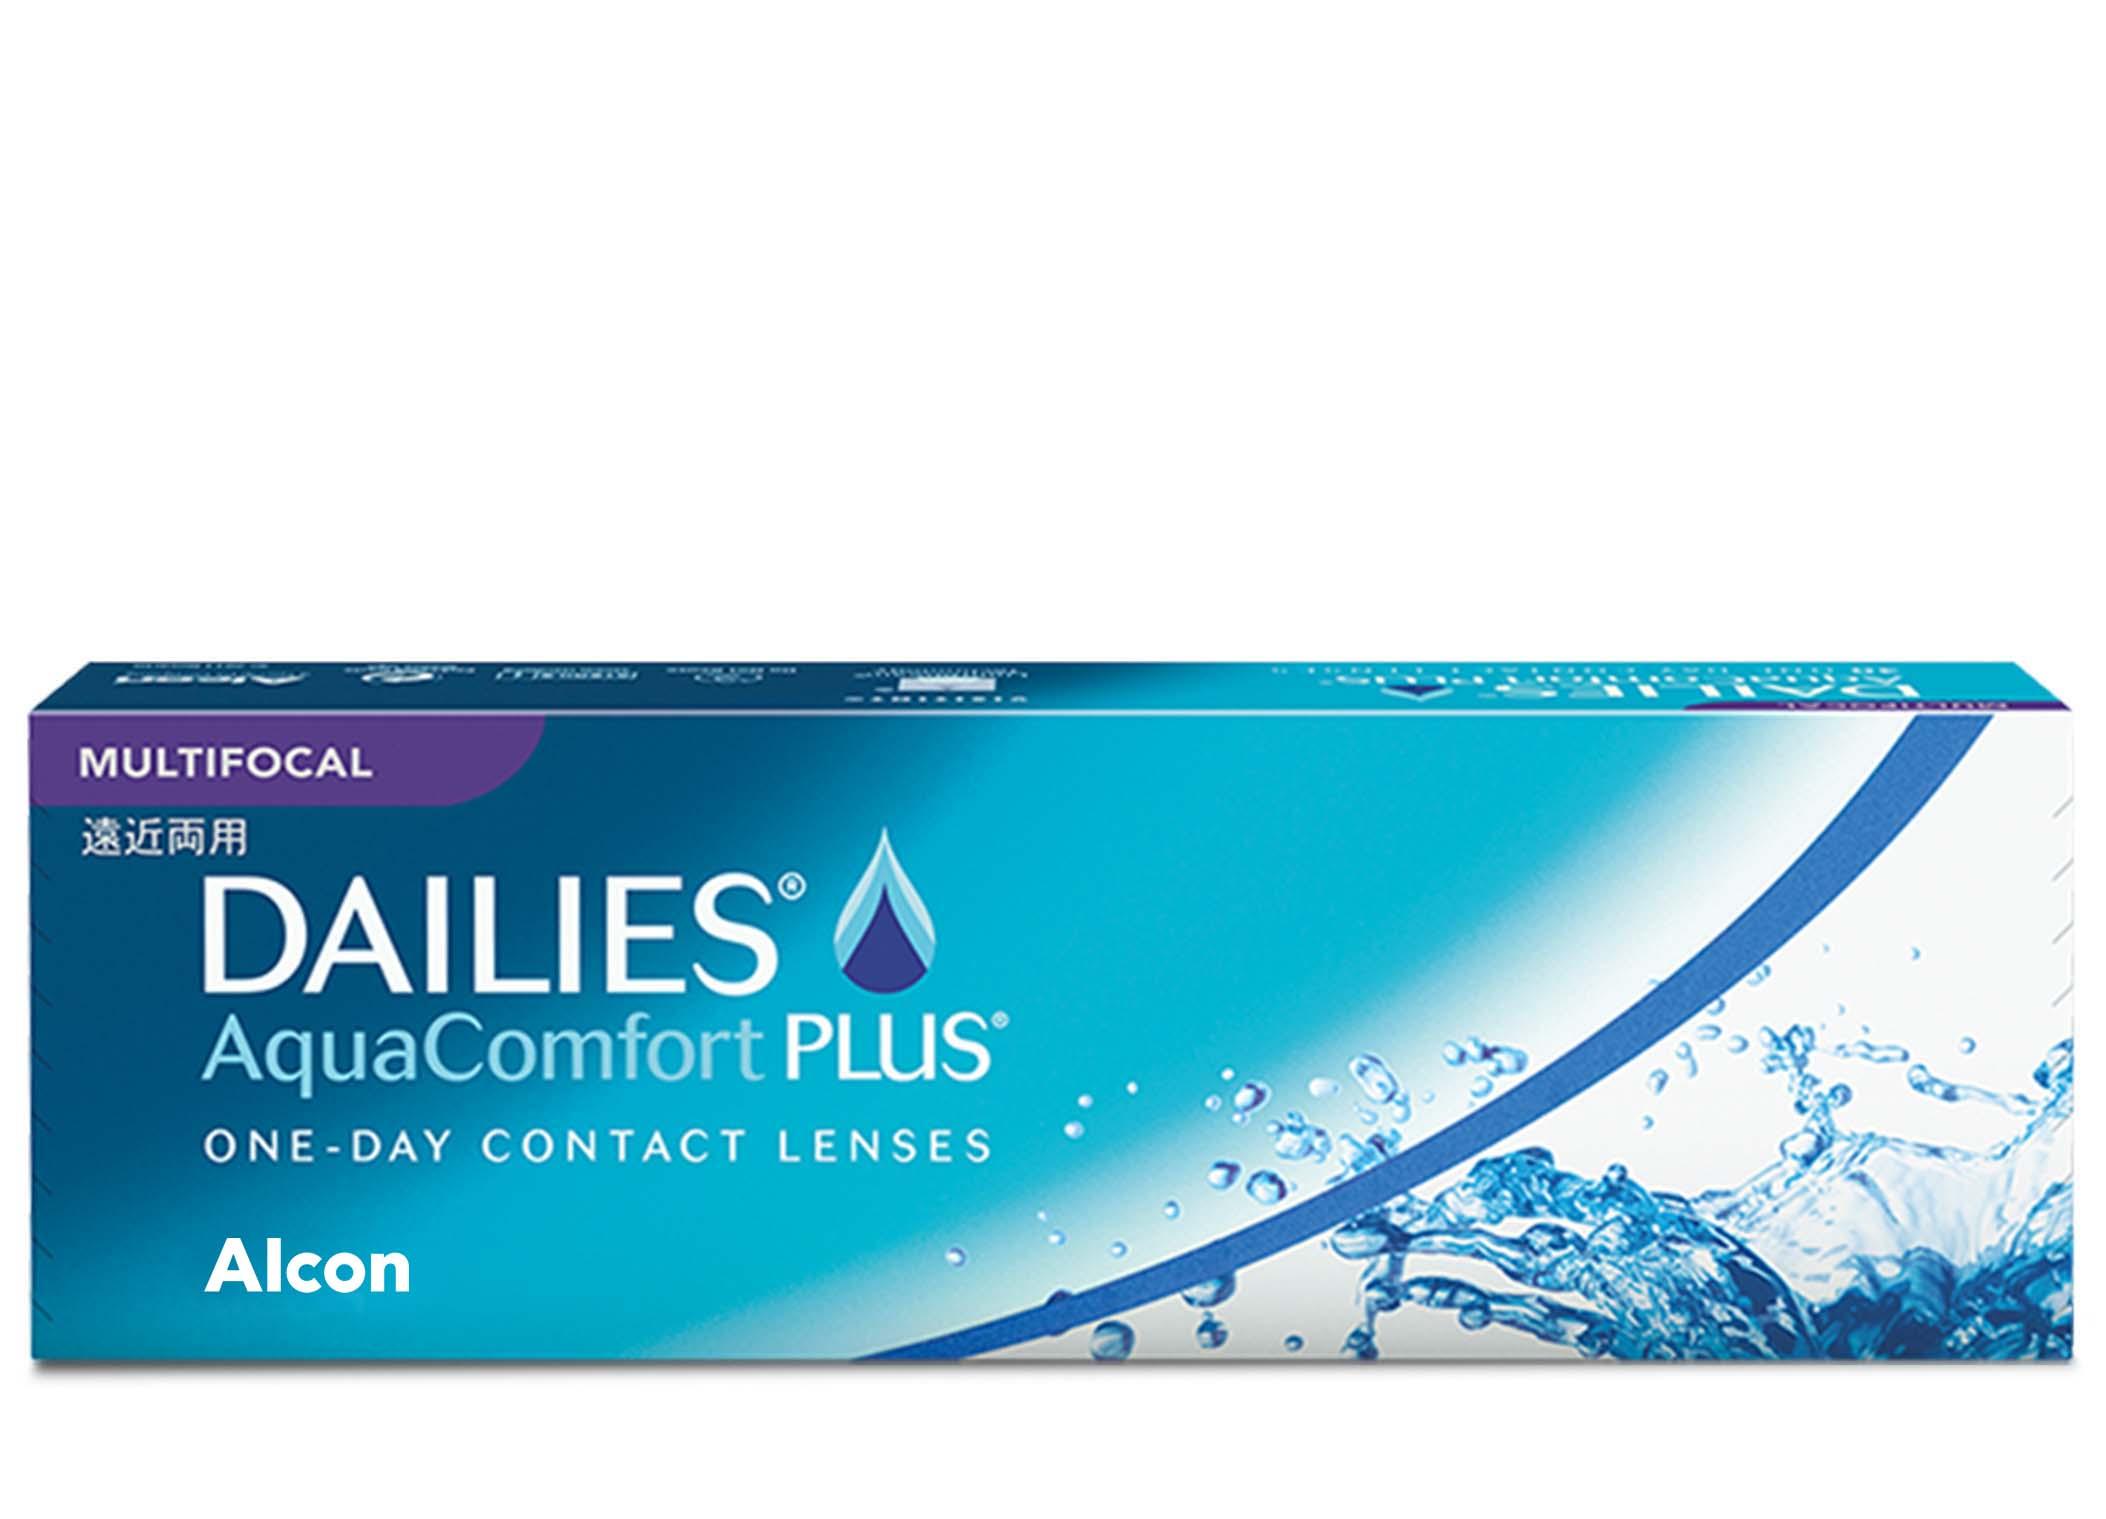 s comfort aquacomfort contact comforter products aqua dailies plus lenses